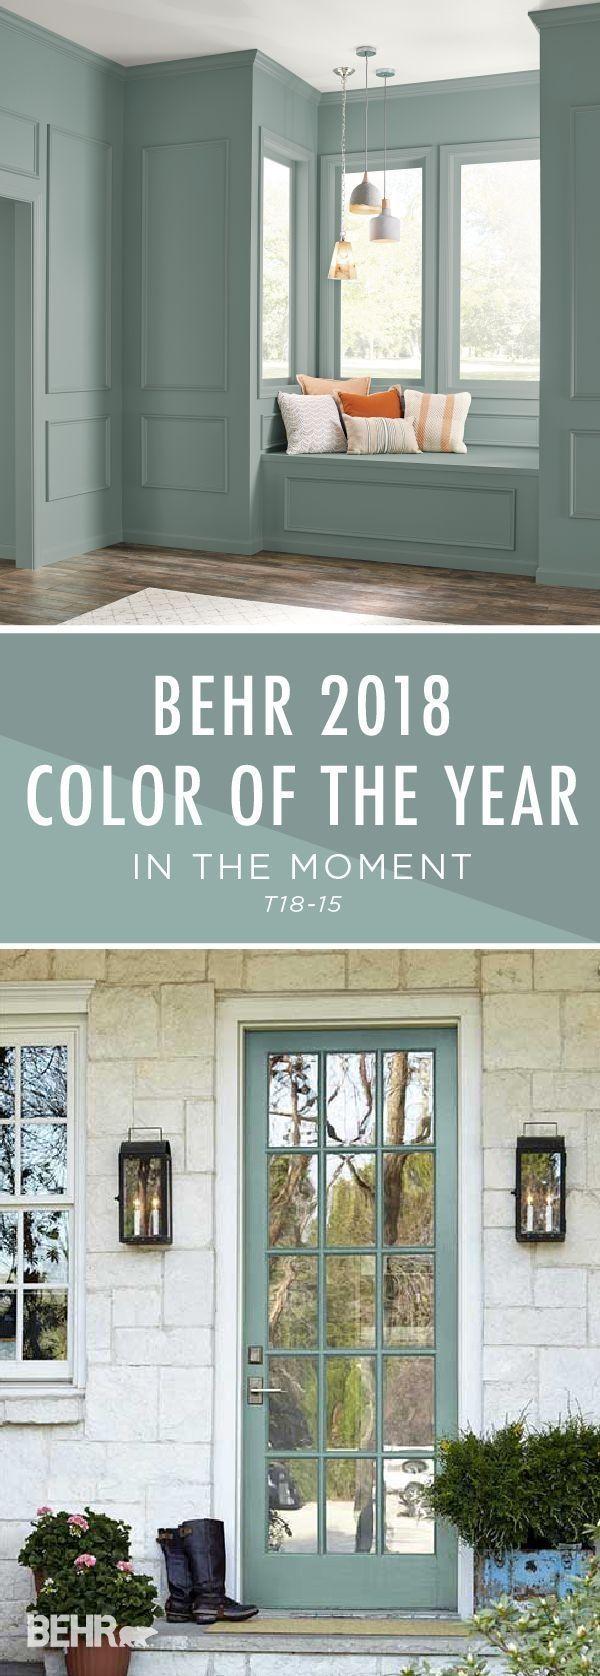 Einführung der Farbe BEHR  des Jahres Im Moment in   Haus